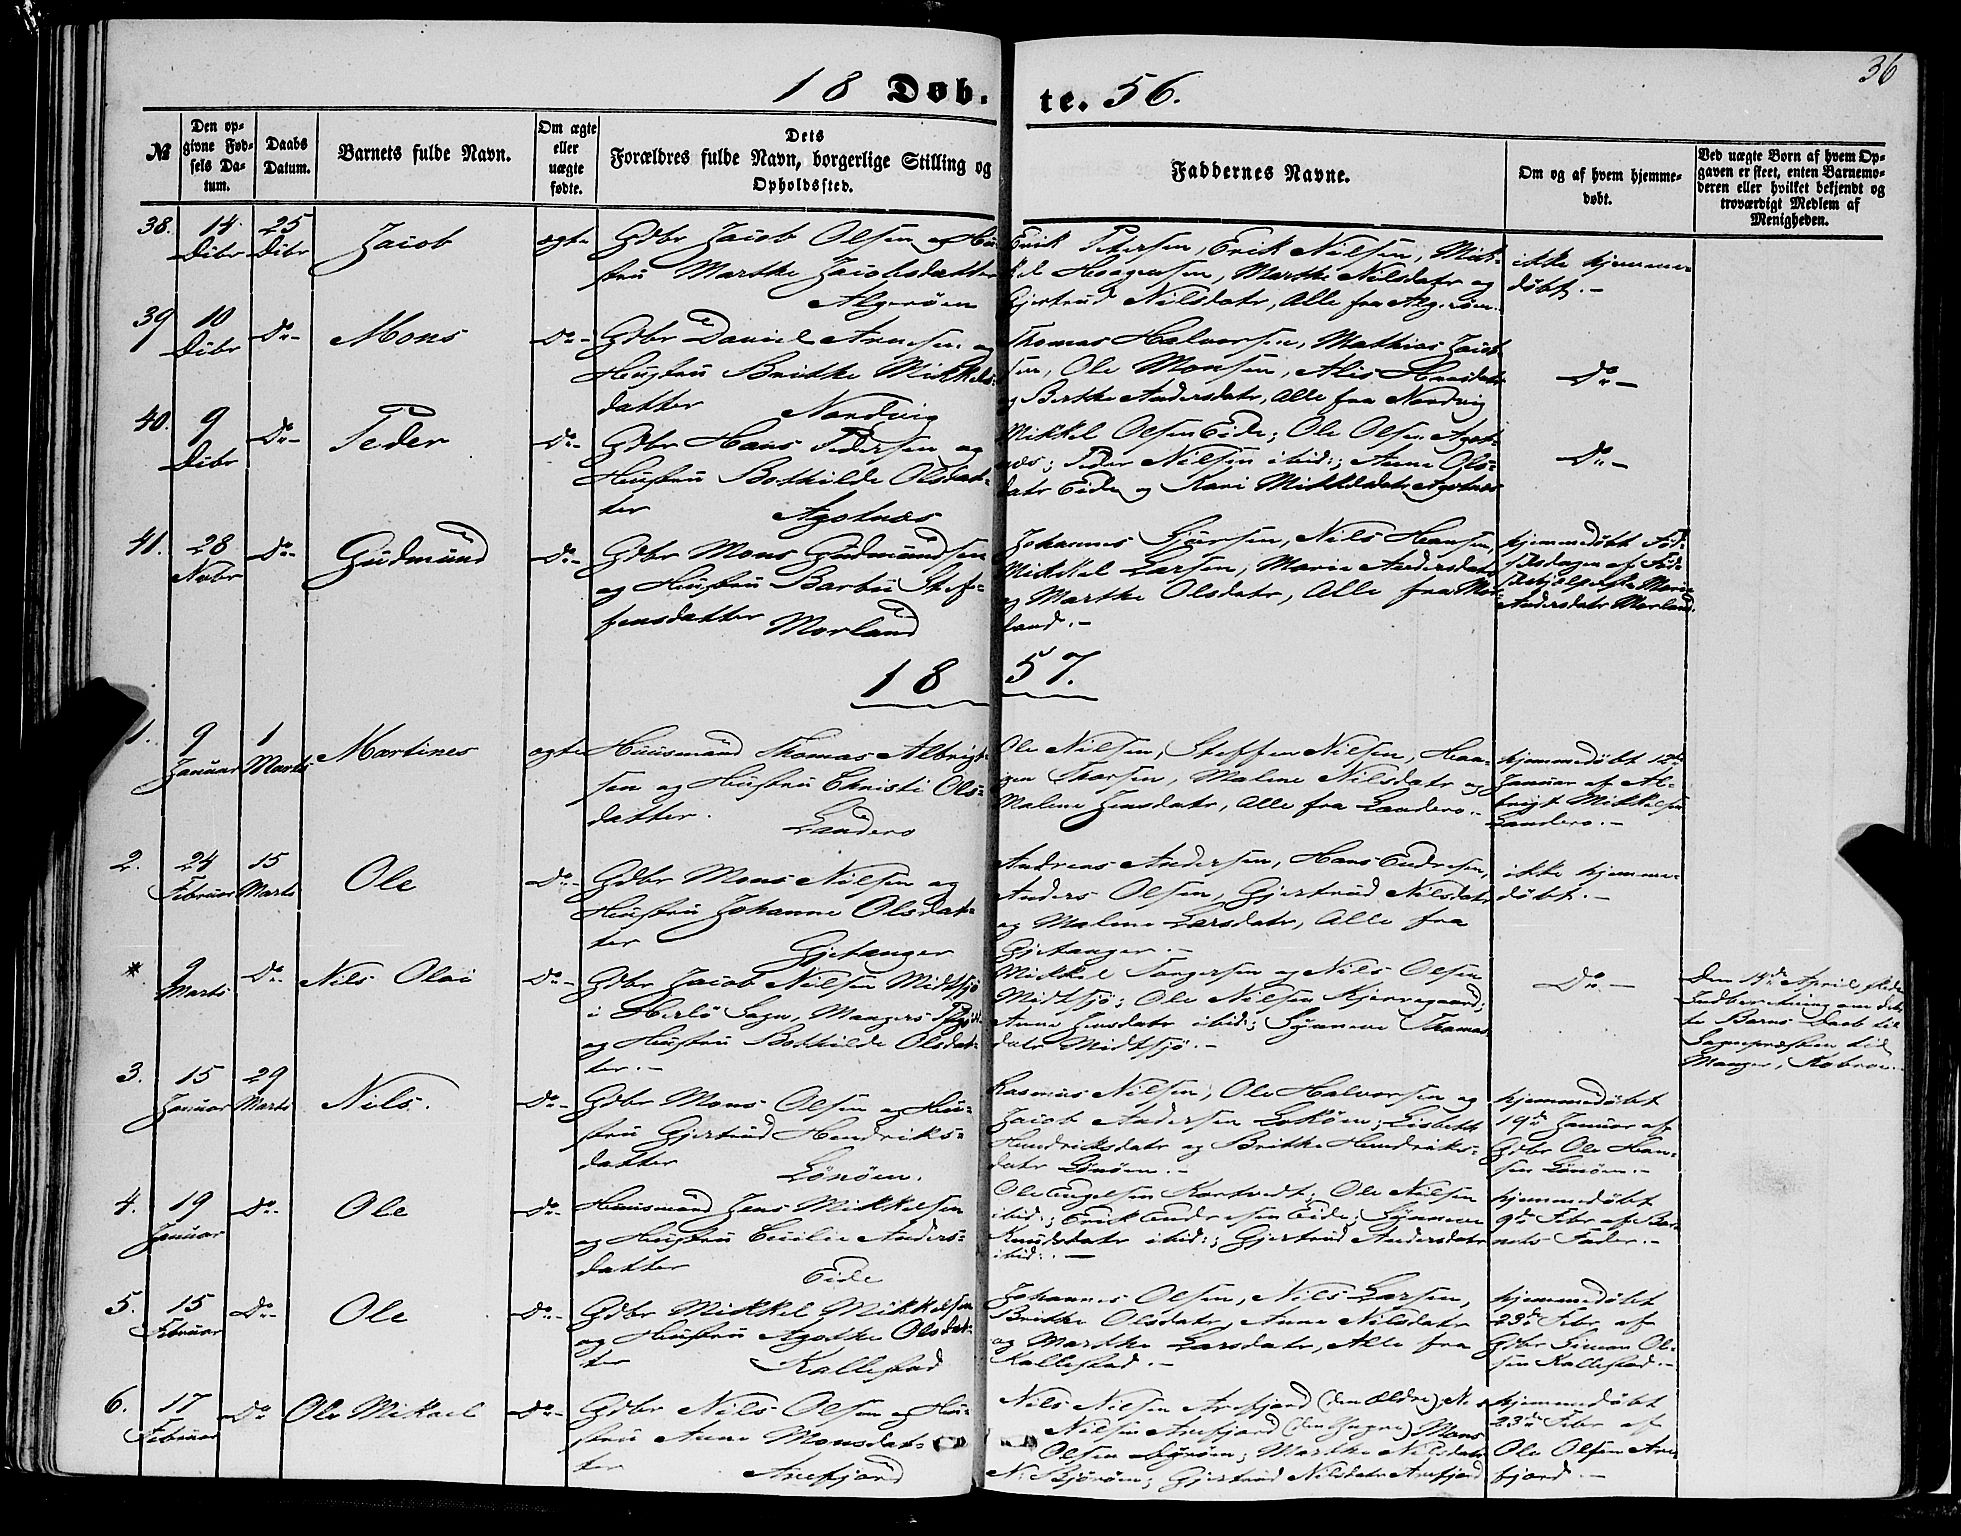 SAB, Fjell Sokneprestembete, H/Haa: Ministerialbok nr. A 2, 1847-1864, s. 36